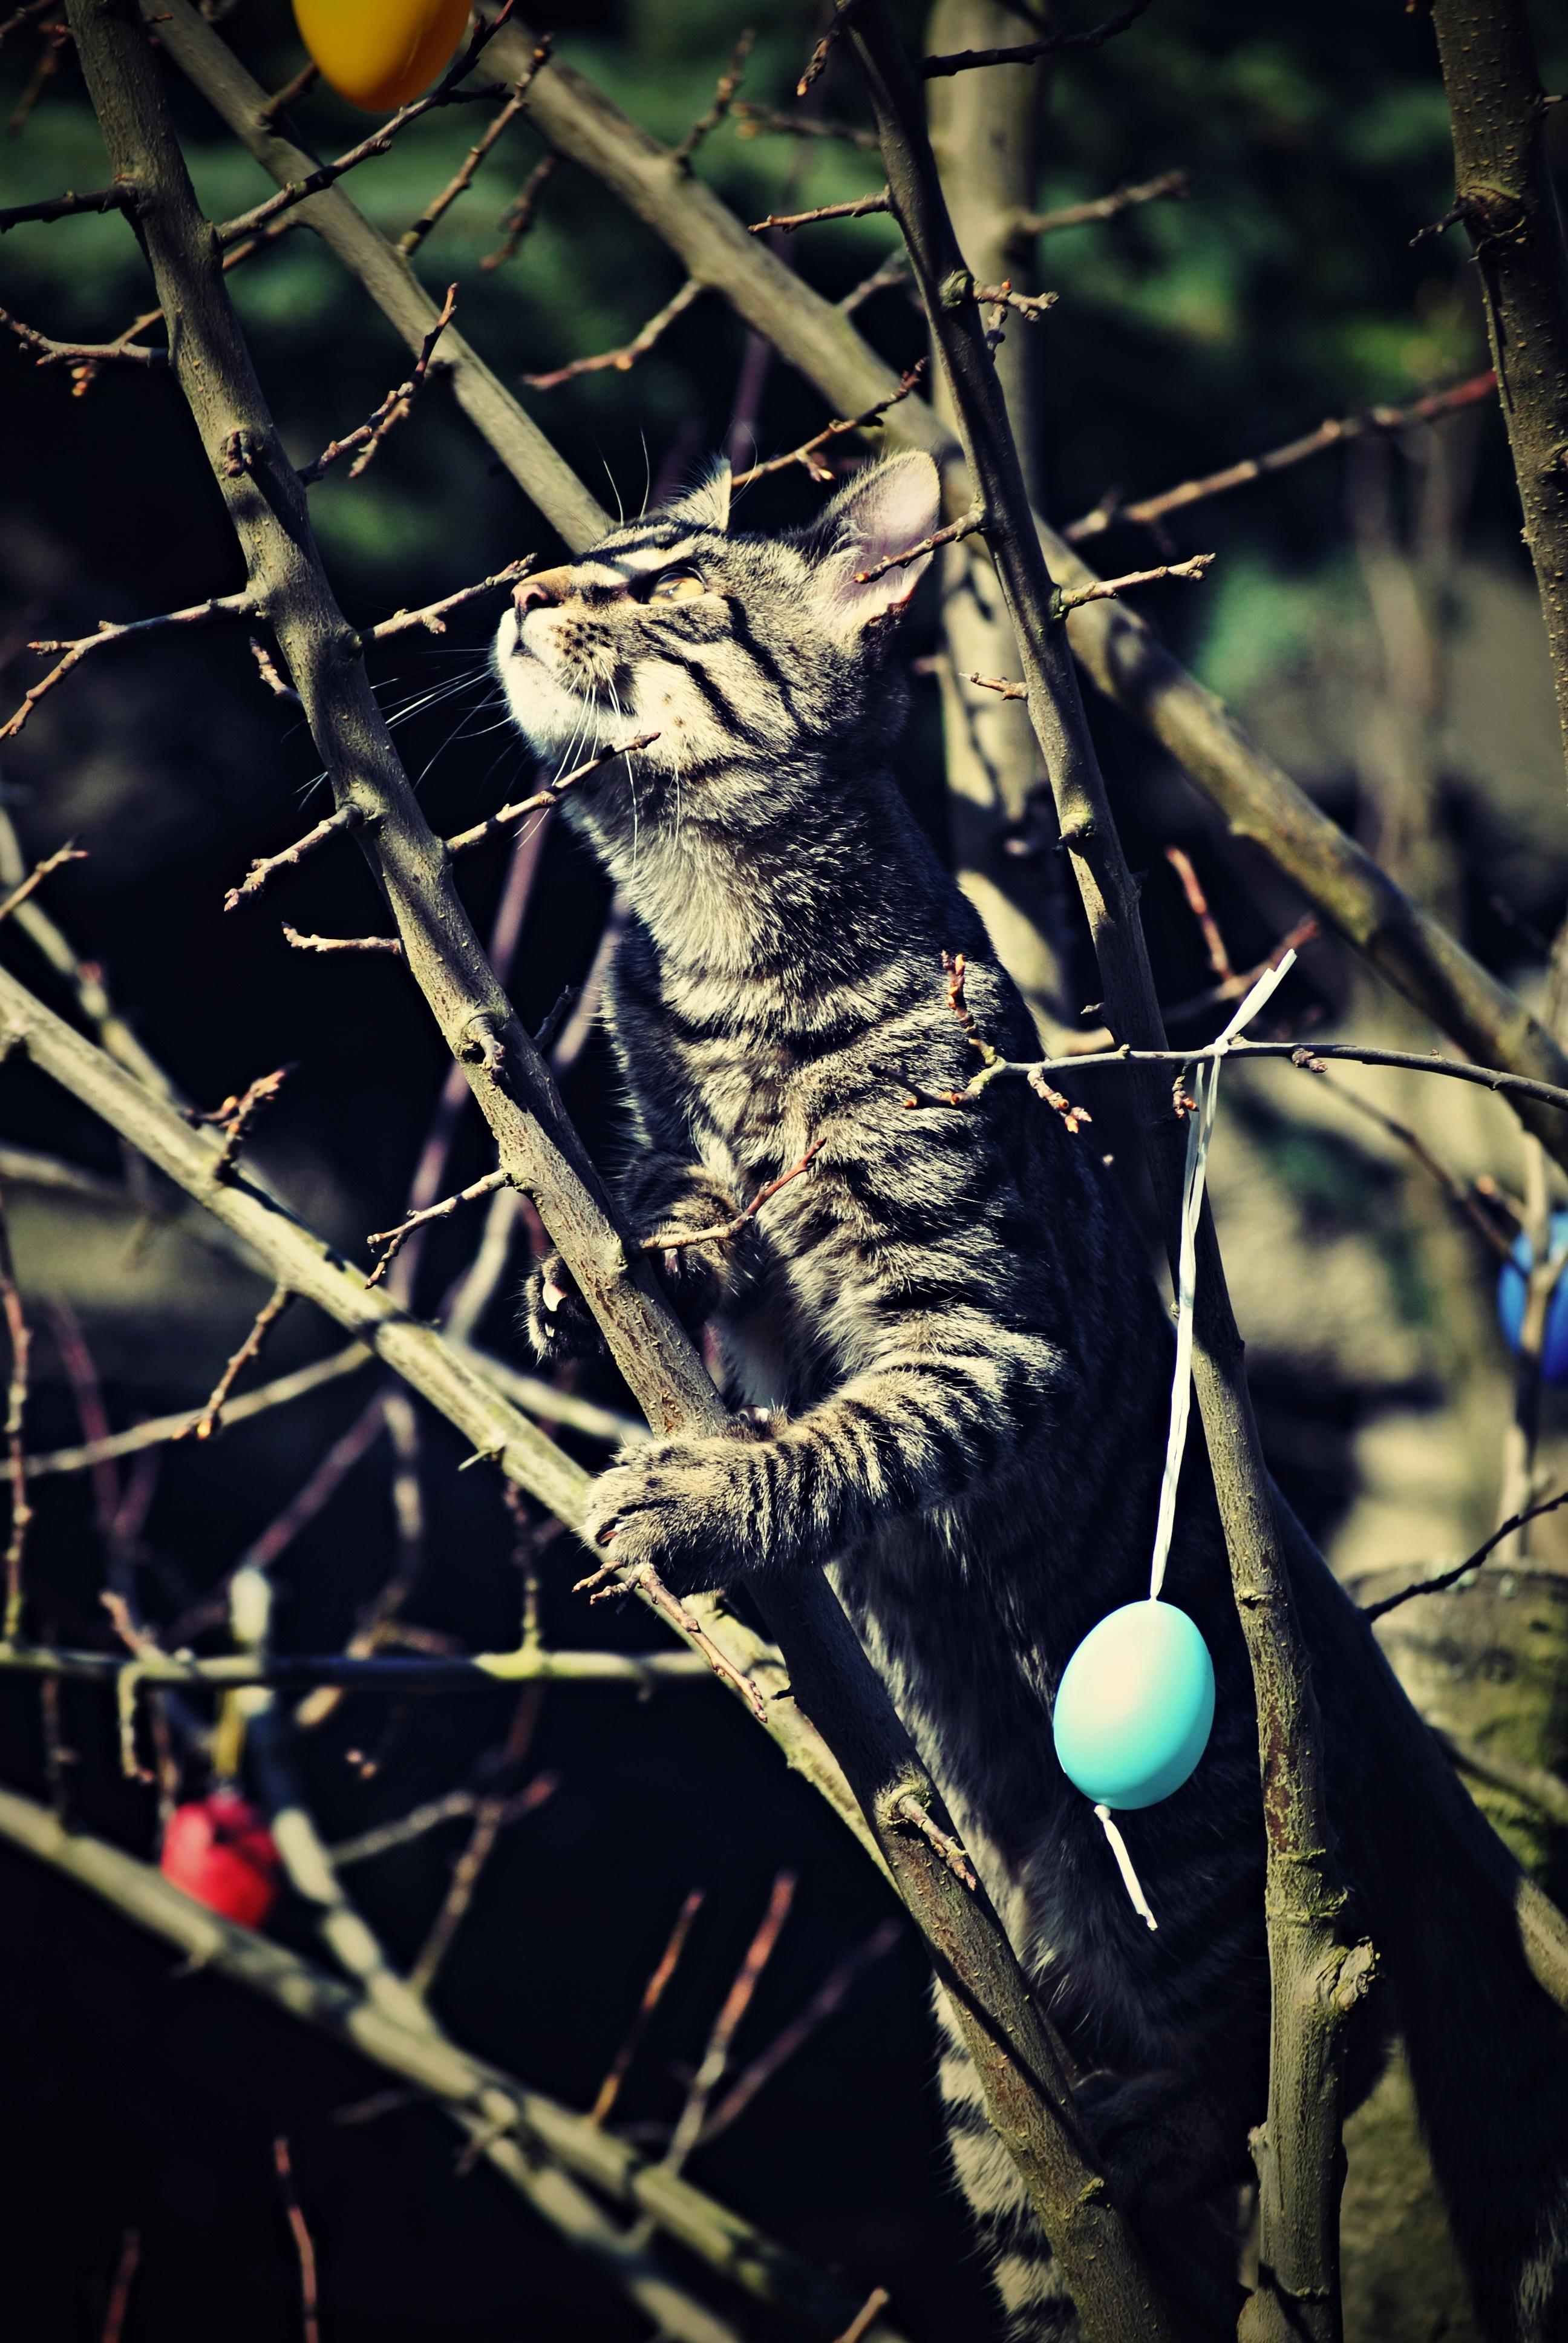 Fotoğraf Ağaç Doğa şube Güneş Hayvan Vahşi Hayat Evcil